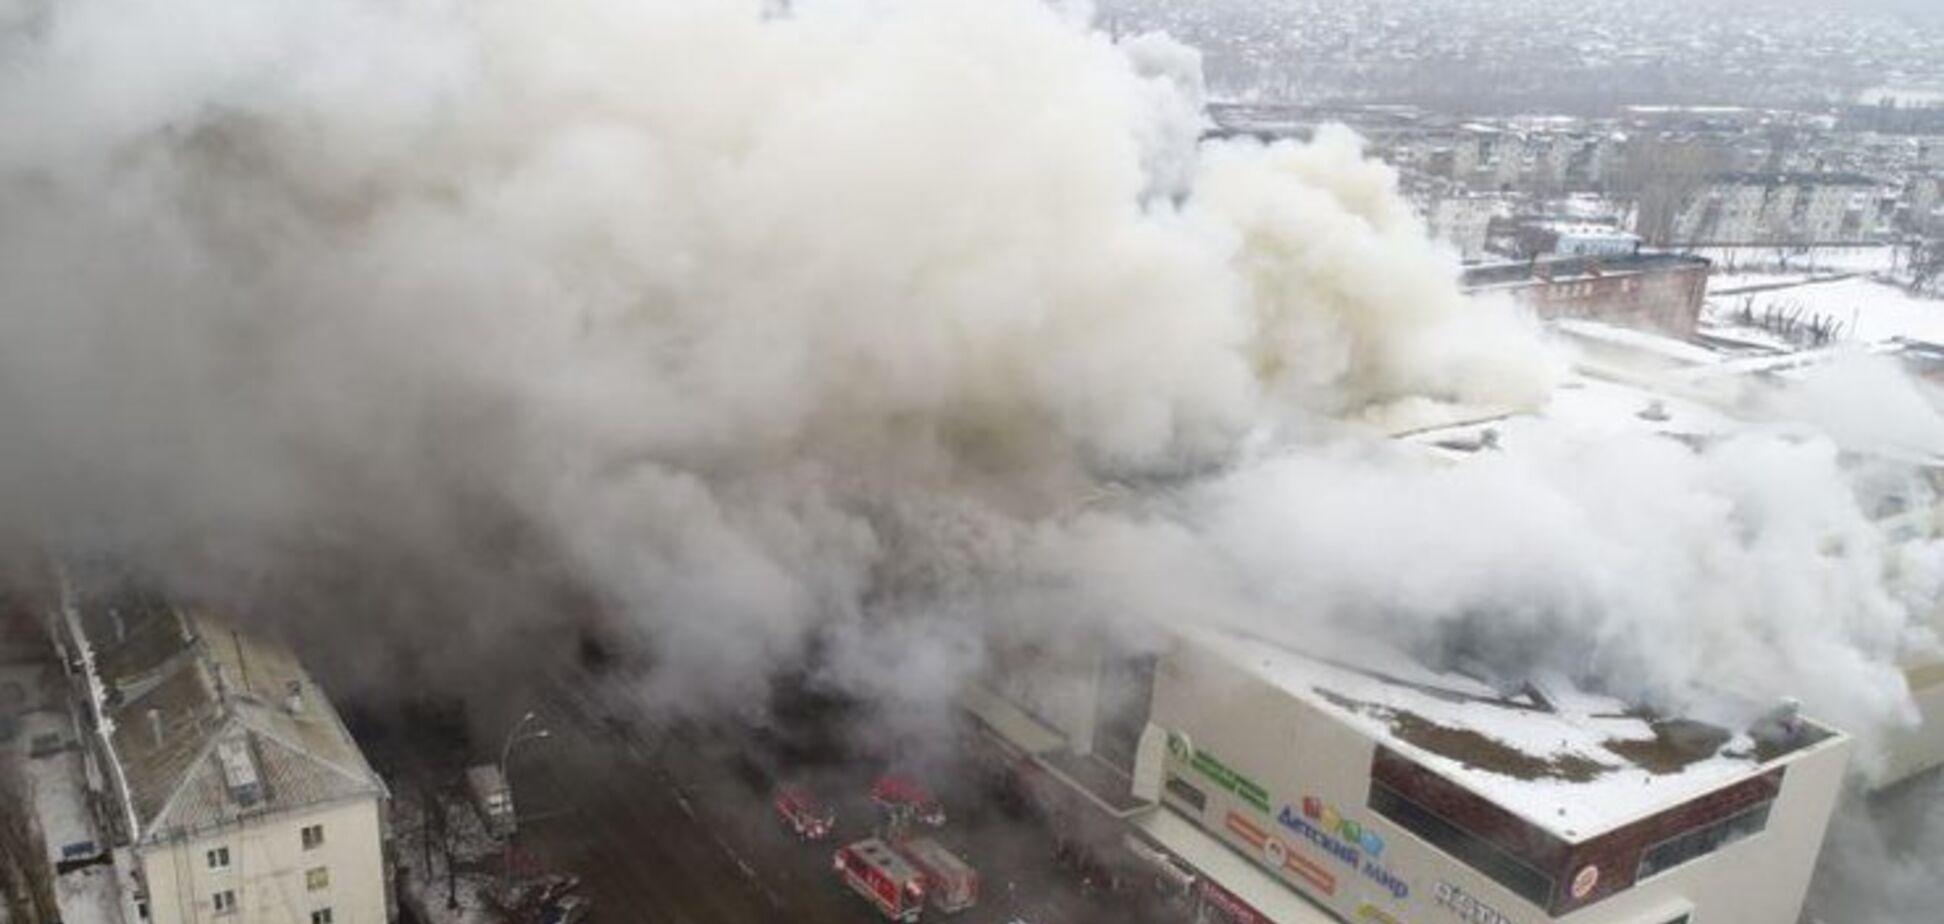 Пожежа в Кемерово: відкрилася дивна деталь, що перешкодила рятуванню людей